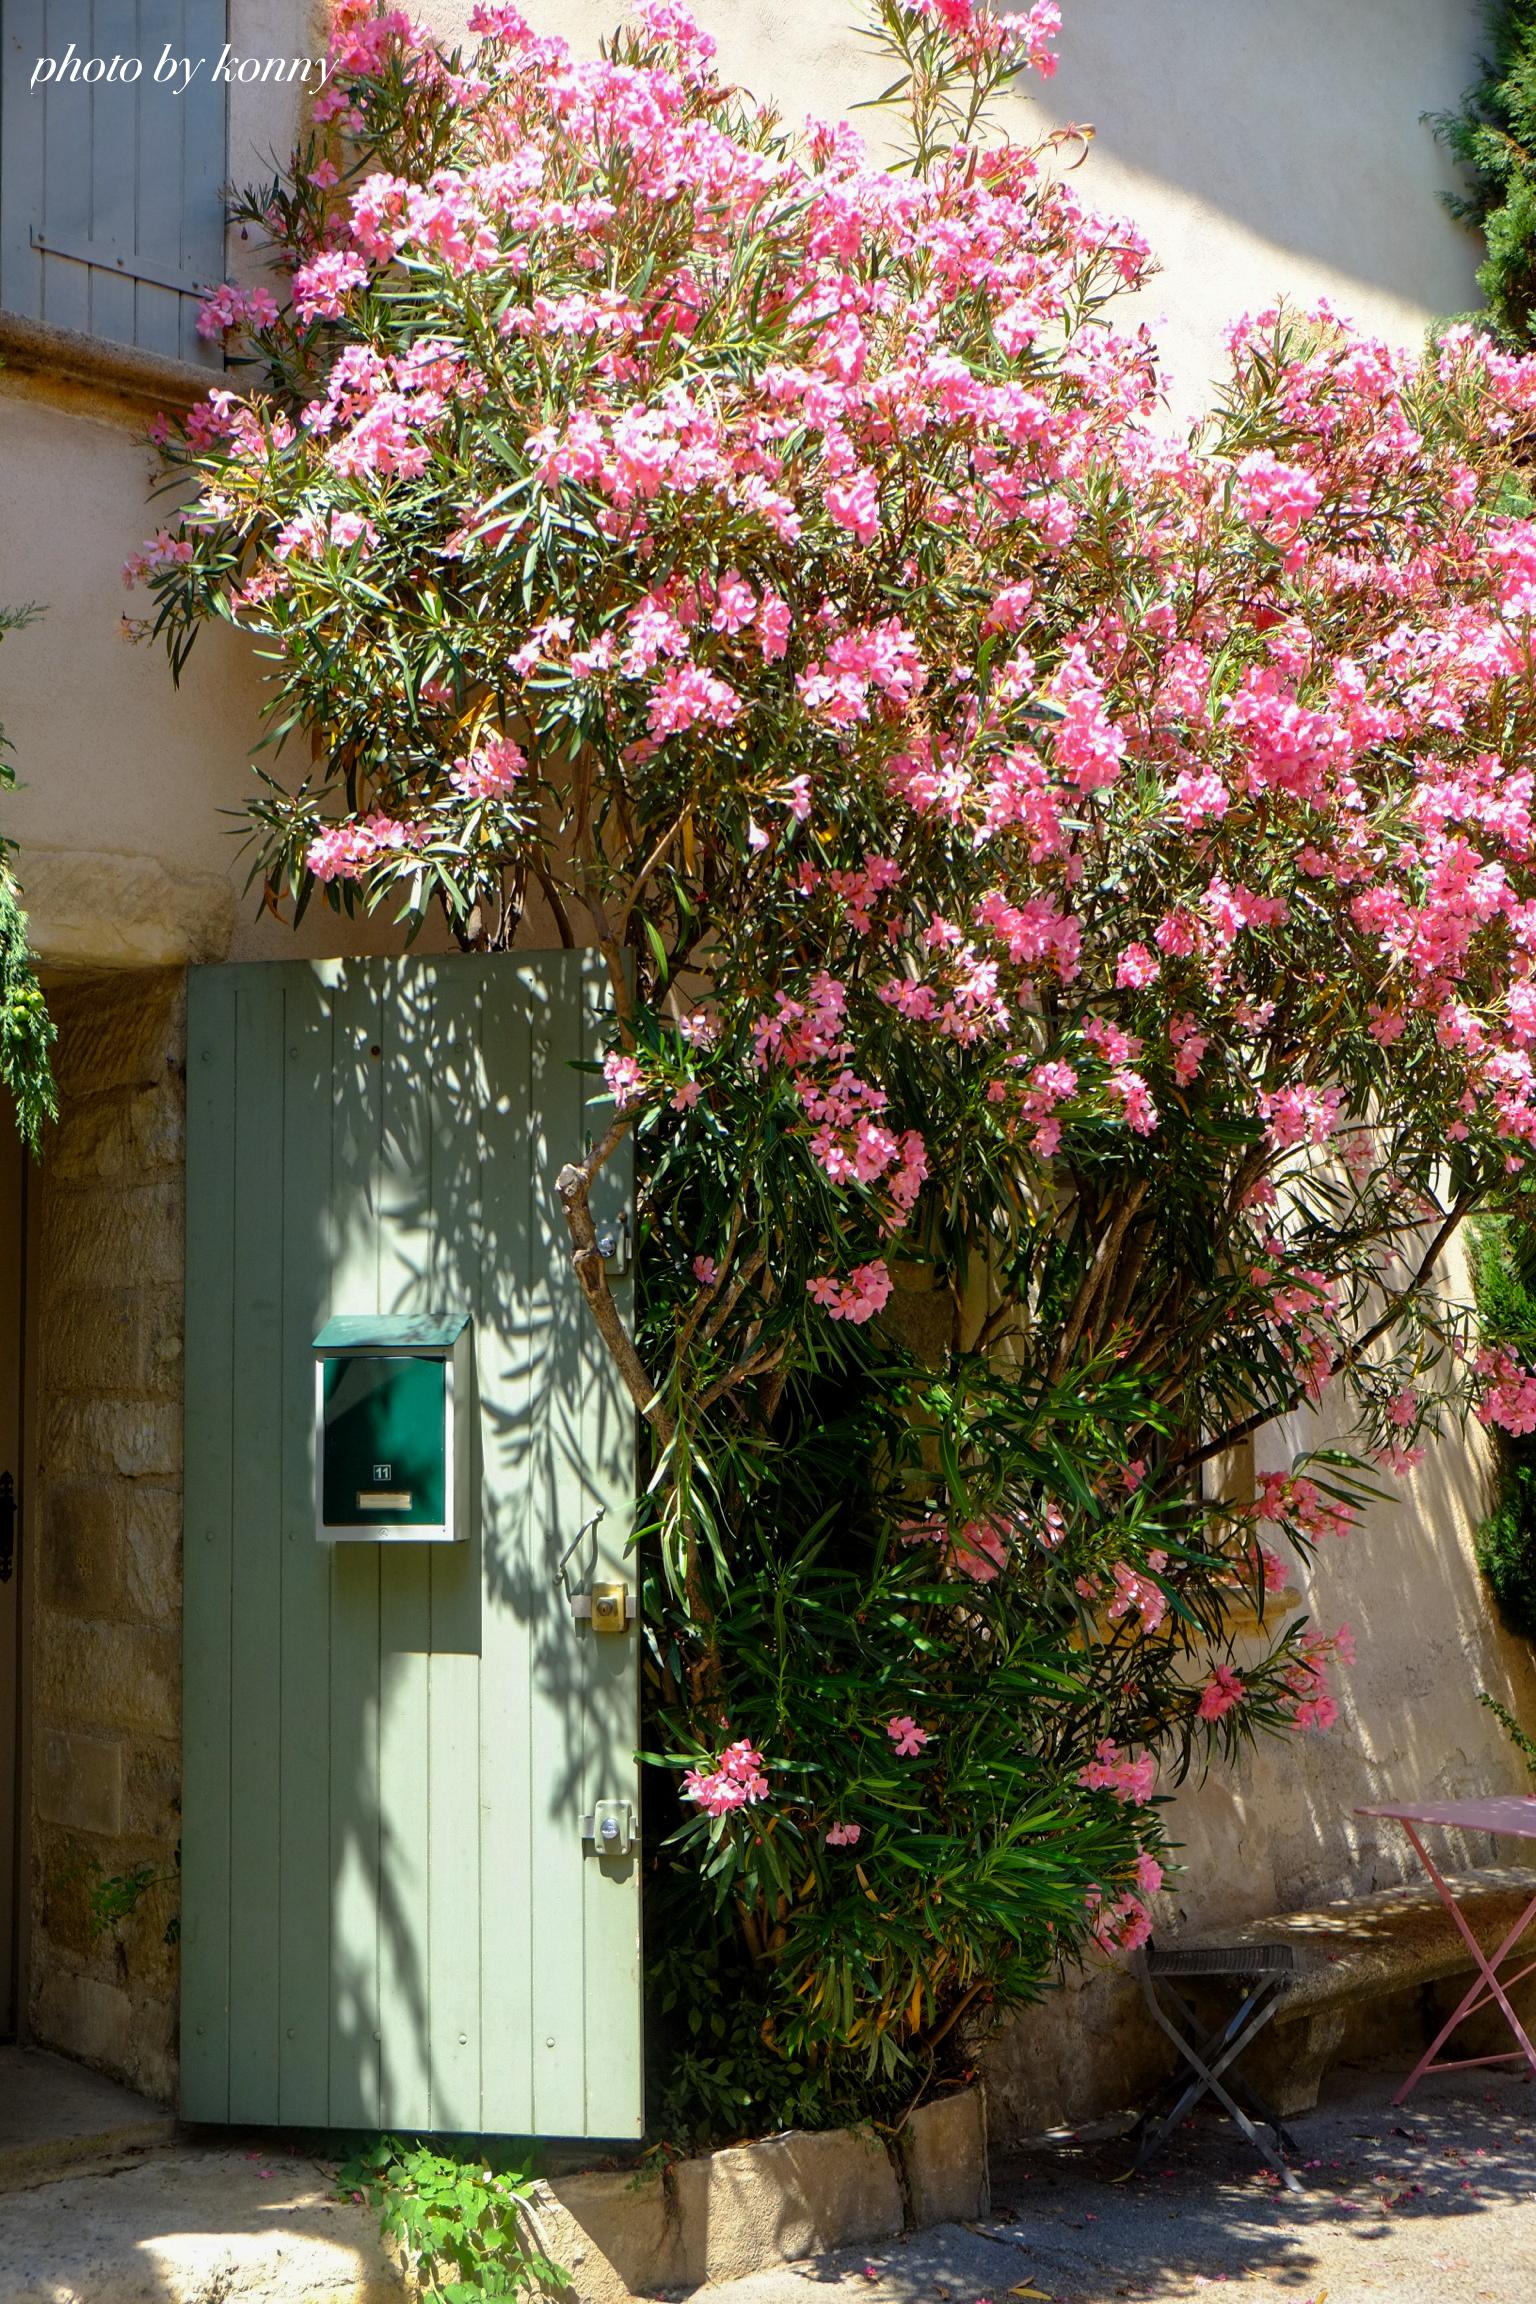 フランス 最も美しい村 ルールマラン